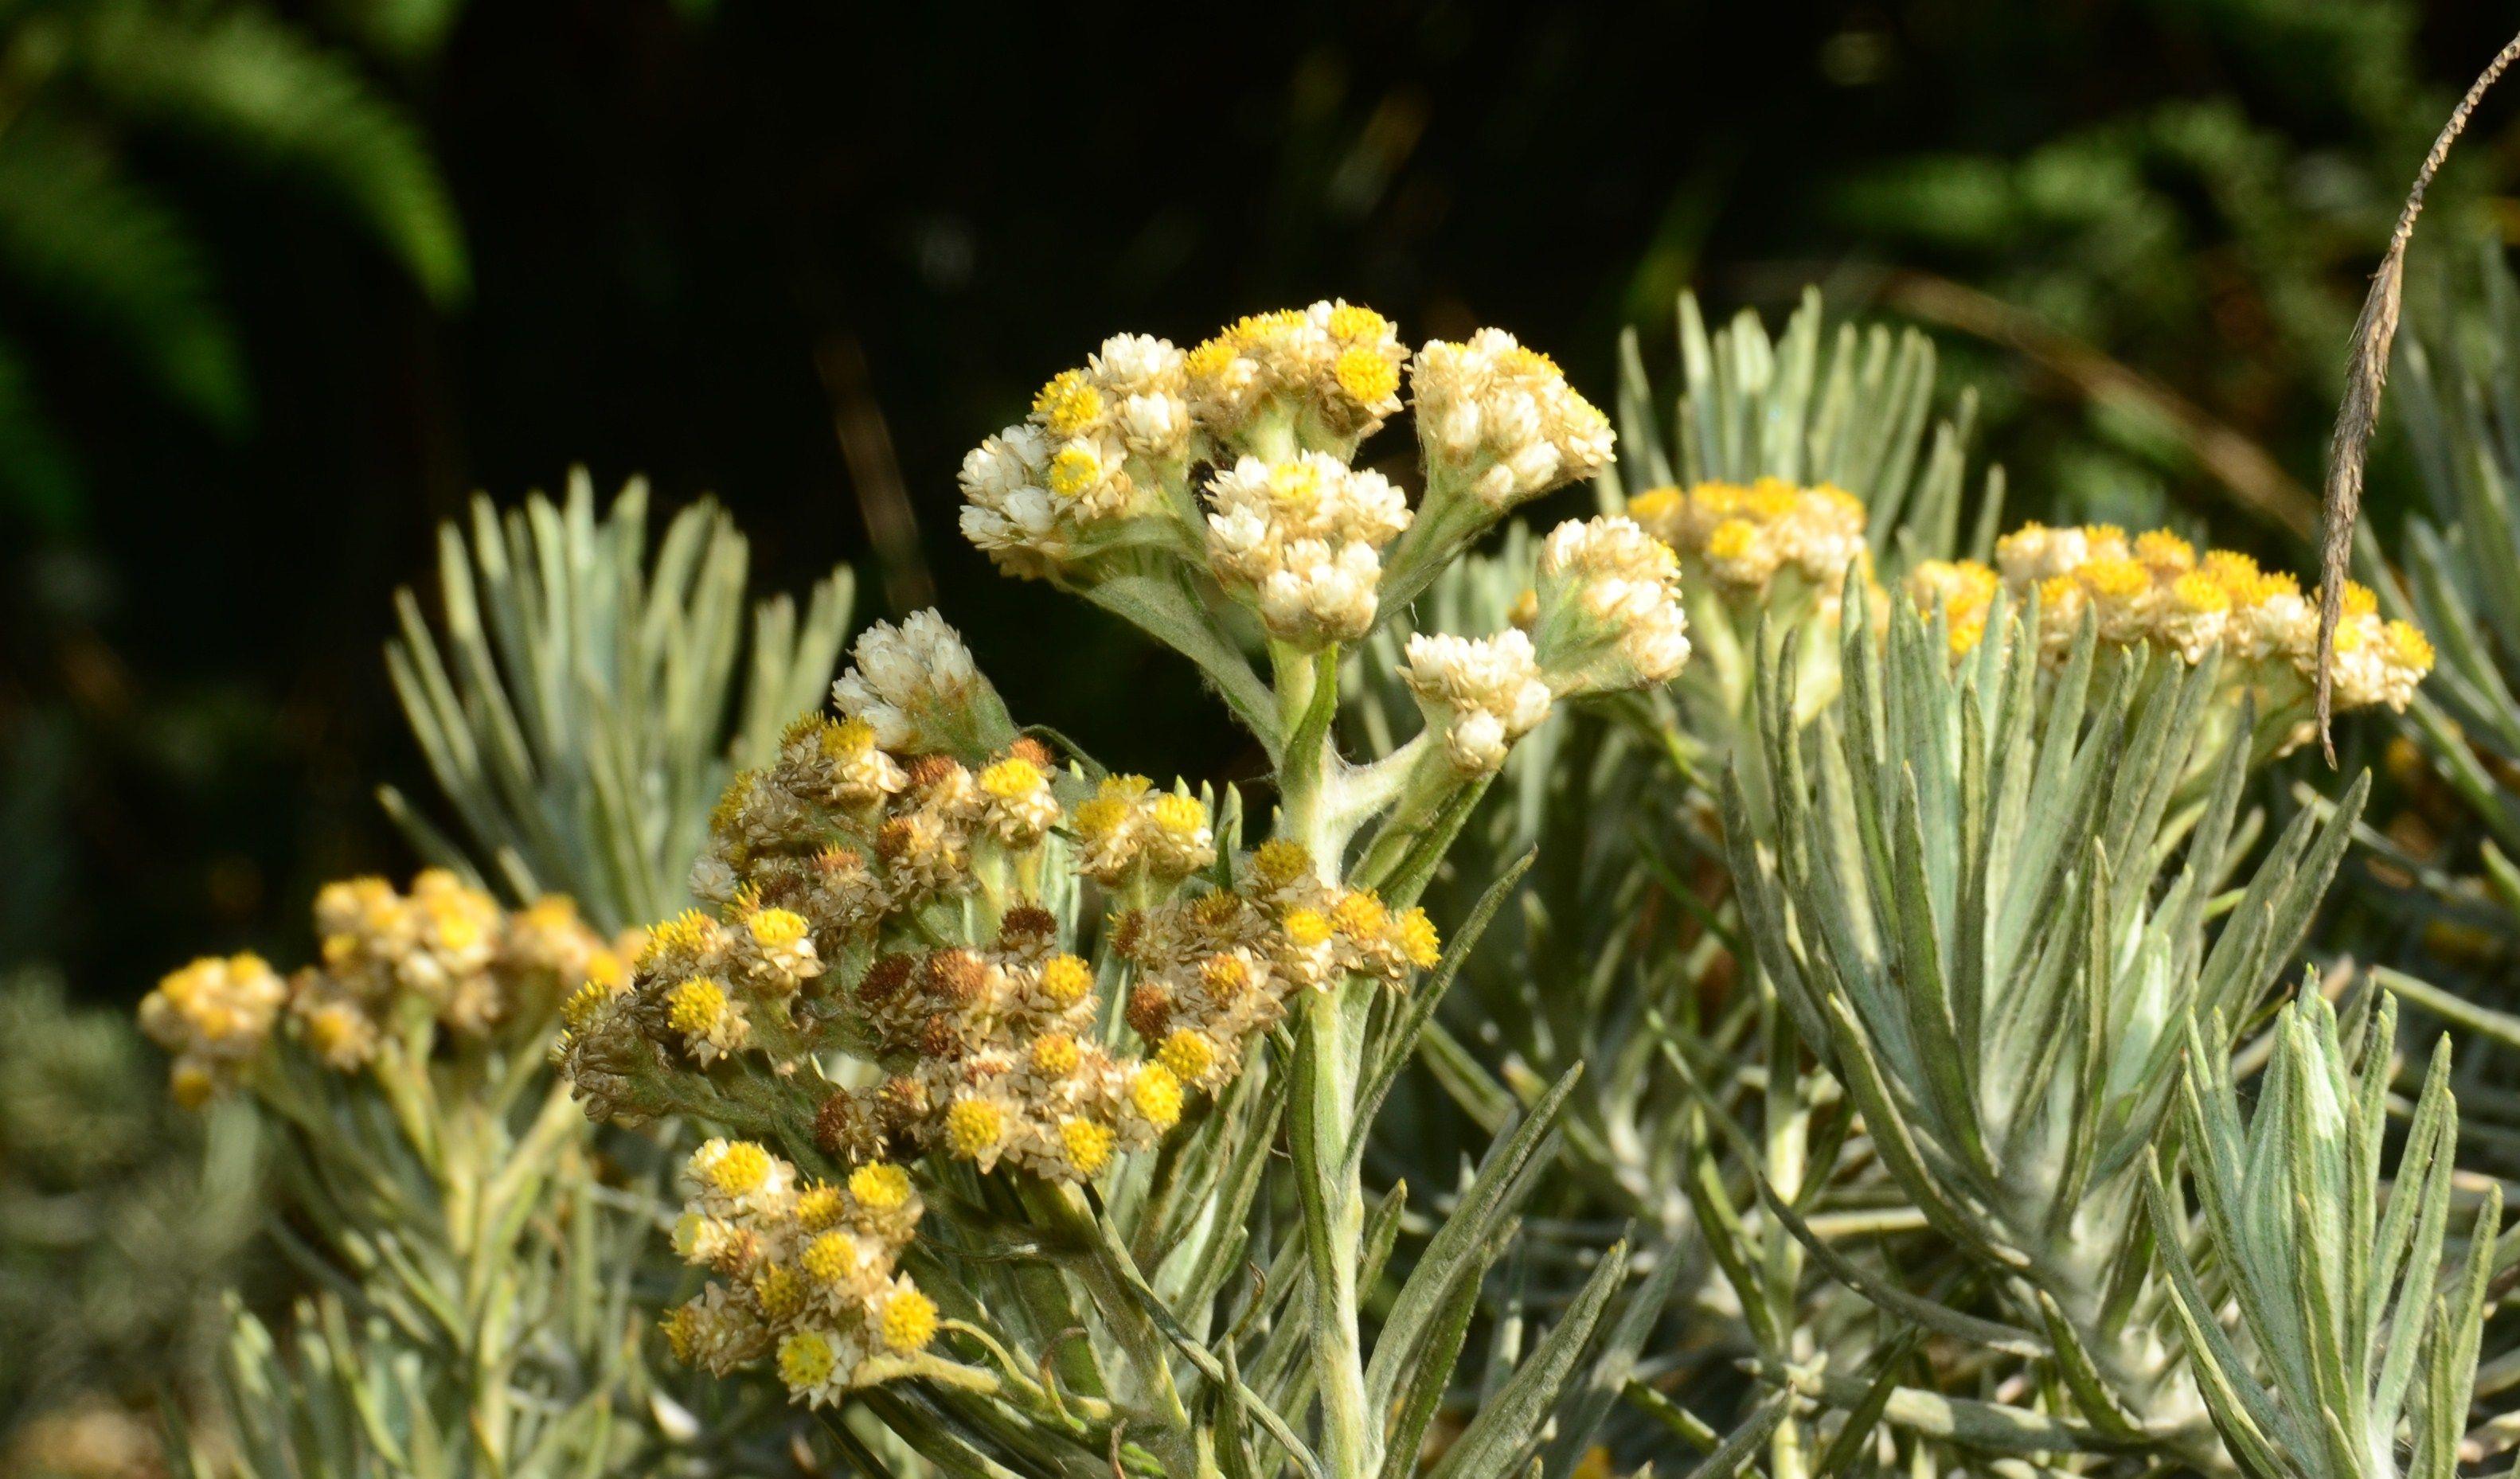 Anaphalis Javanica Edelweiss Jawa Adalah Tumbuhan Endemik Di Dataran Tinggi Di Indonesia Khususnya Di Ketinggian Lebih Dari 2000 Mdpl Tanaman Bunga Indonesia